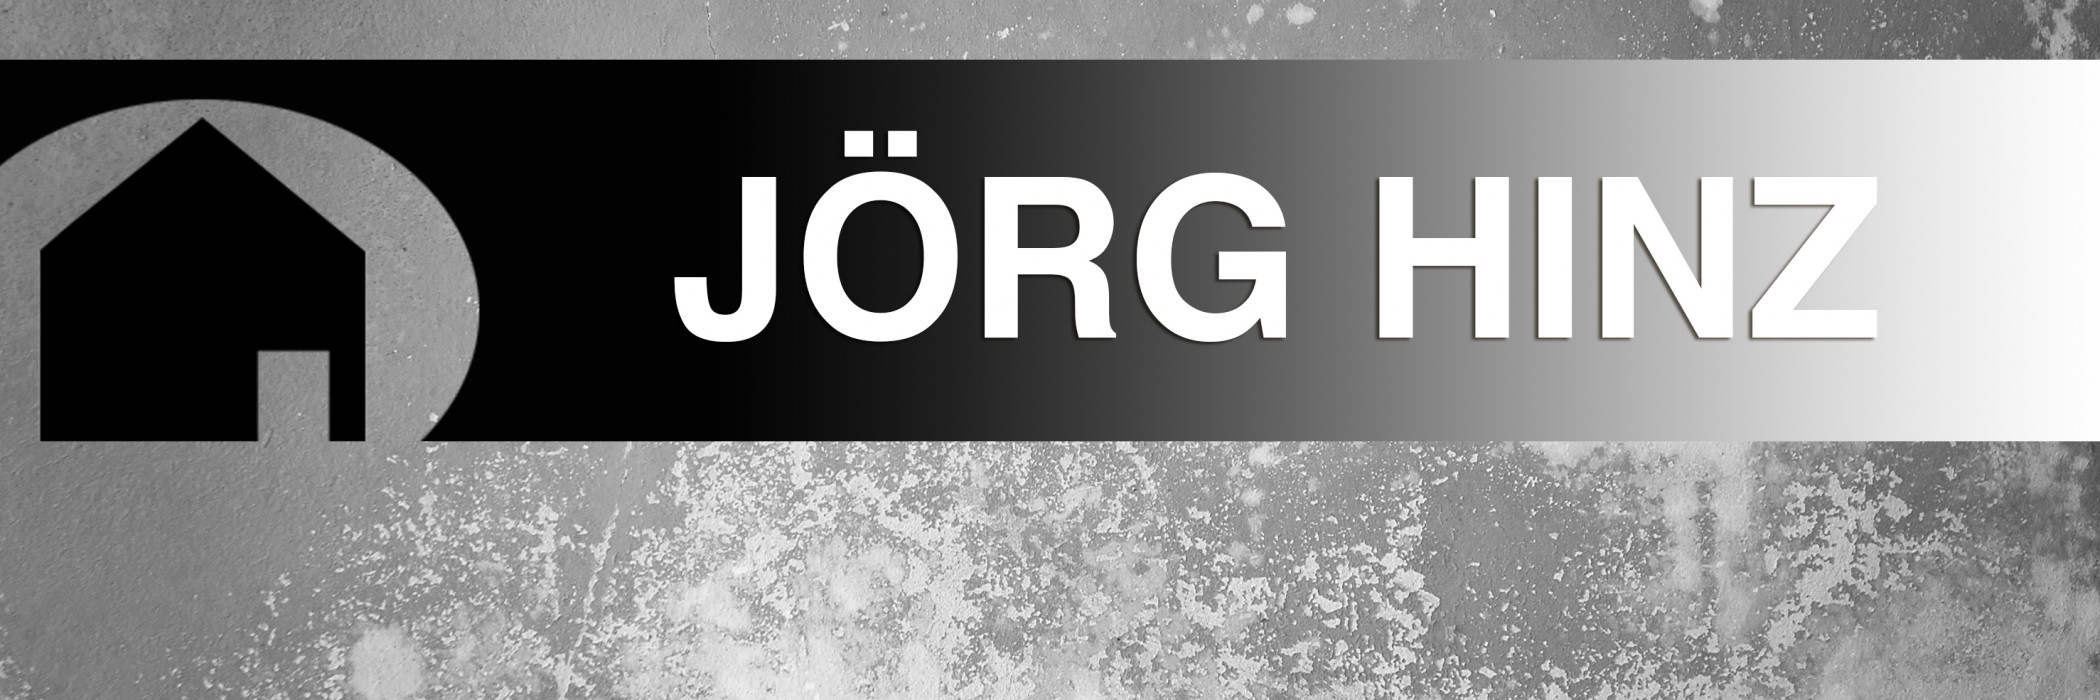 Jörg Hinz – Innen- Und Aussenputz | Ihr Partner Für Innen